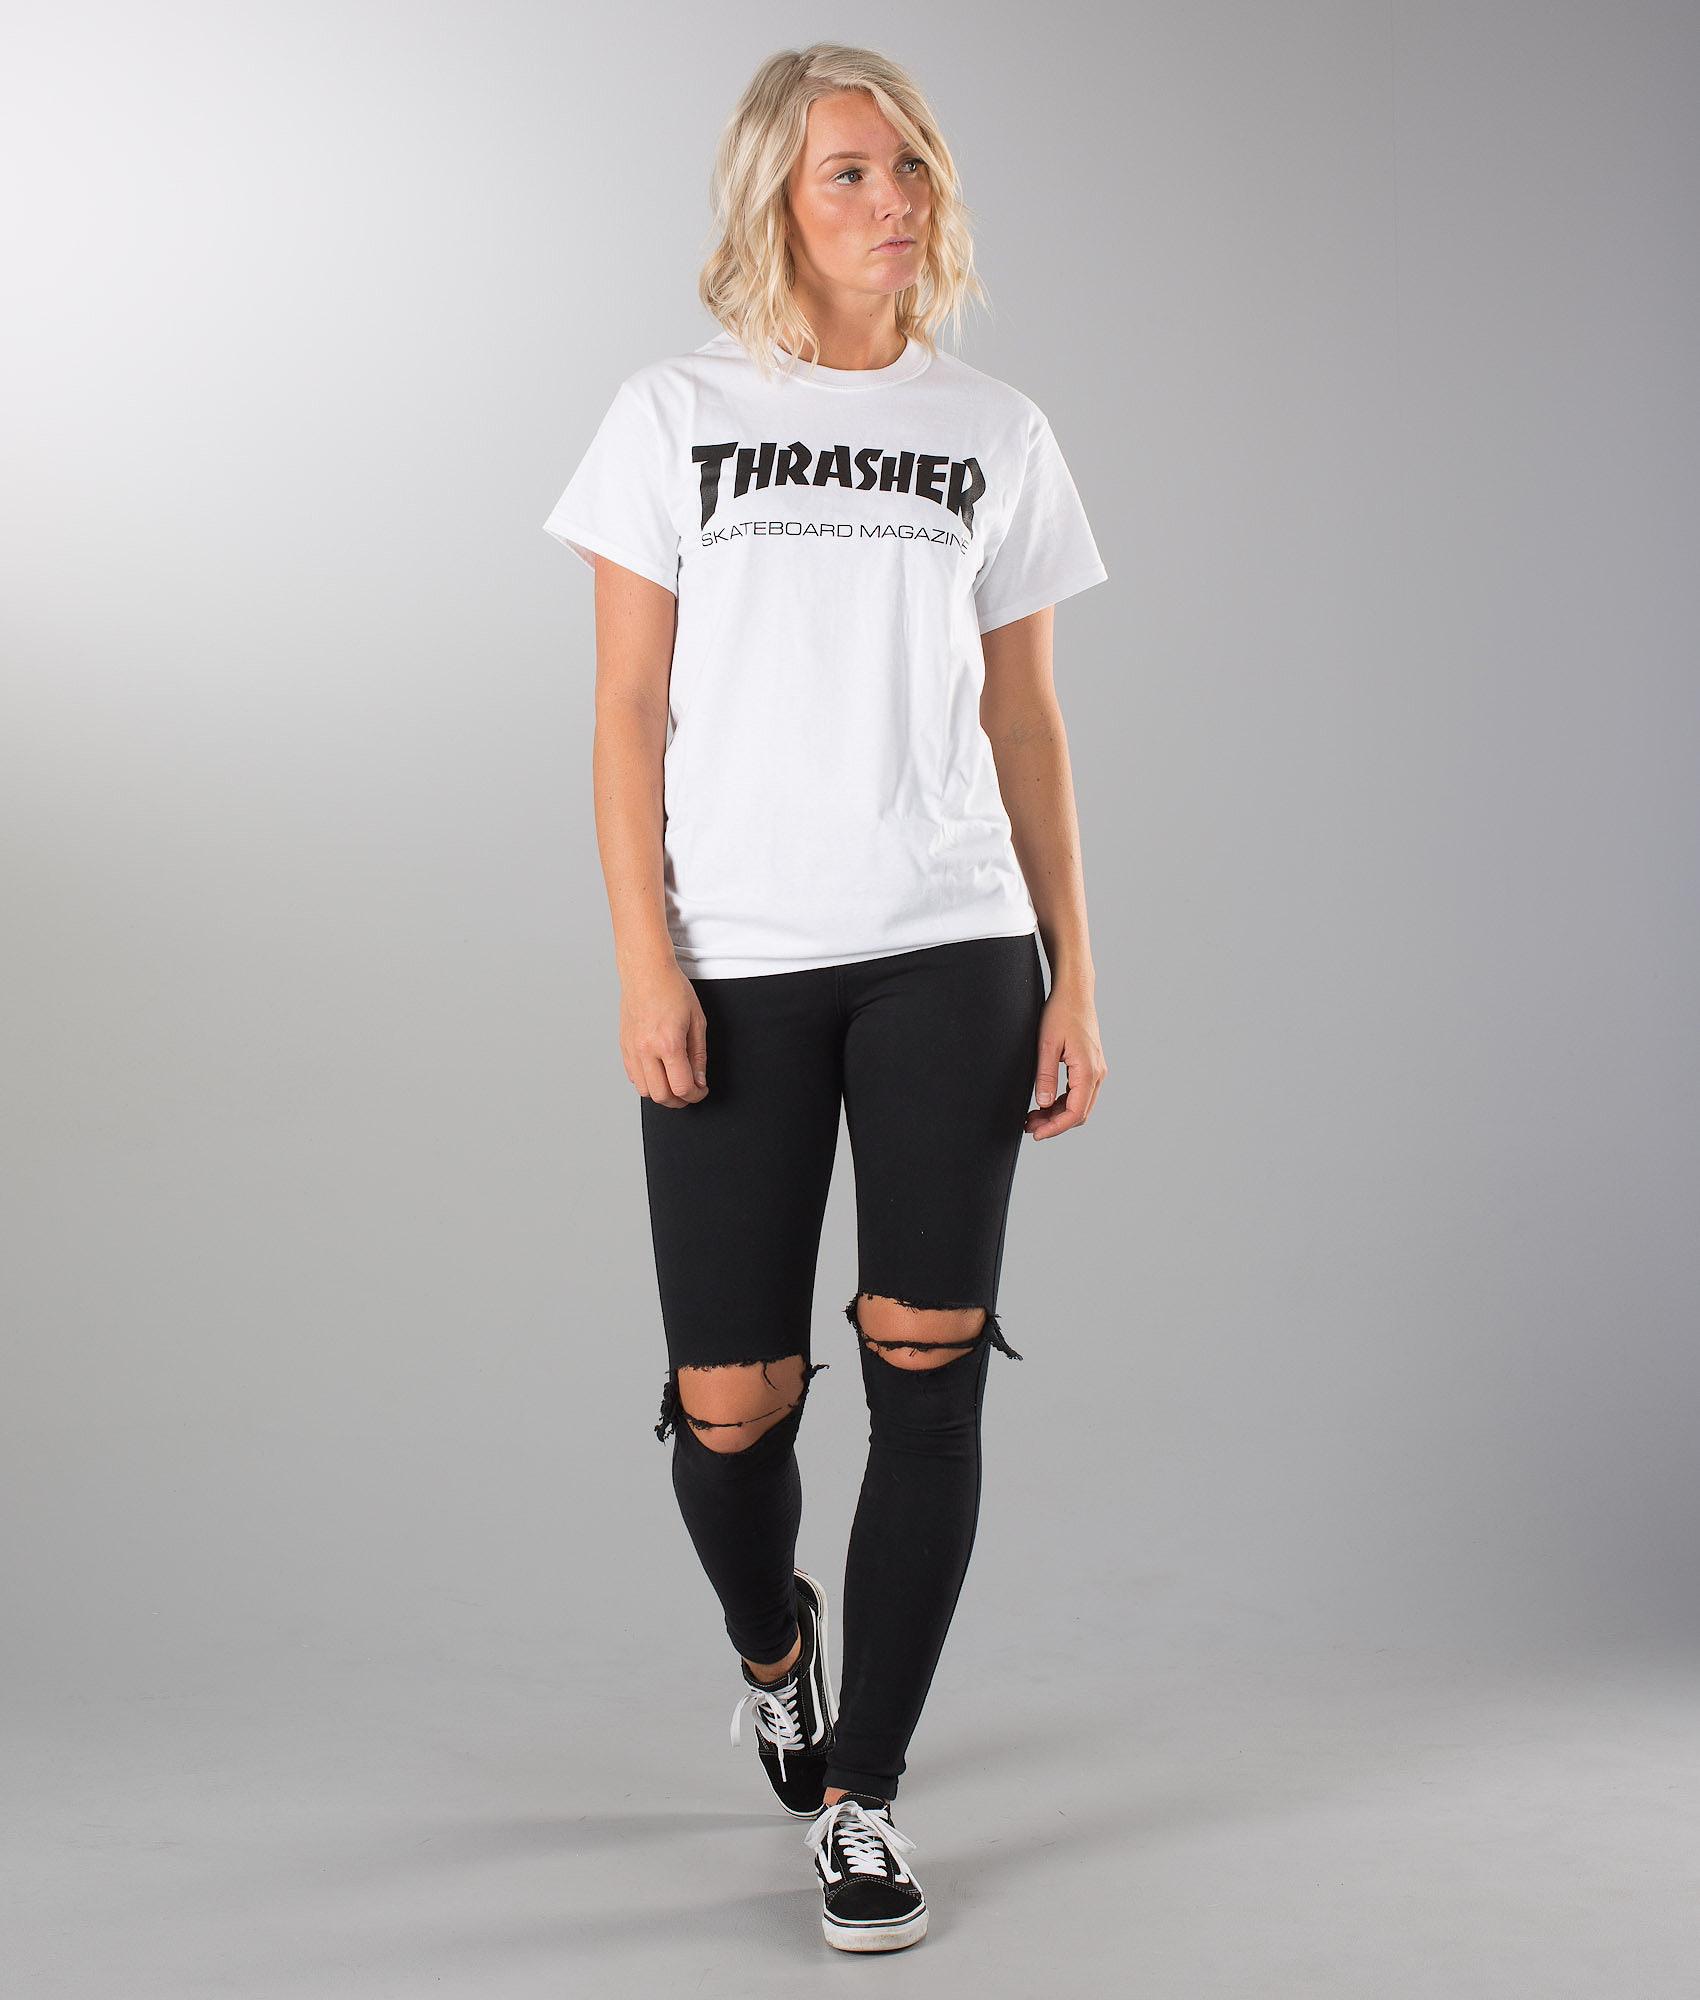 dbe301e4 Thrasher Skate Mag Unisex T-shirt White - Ridestore.com